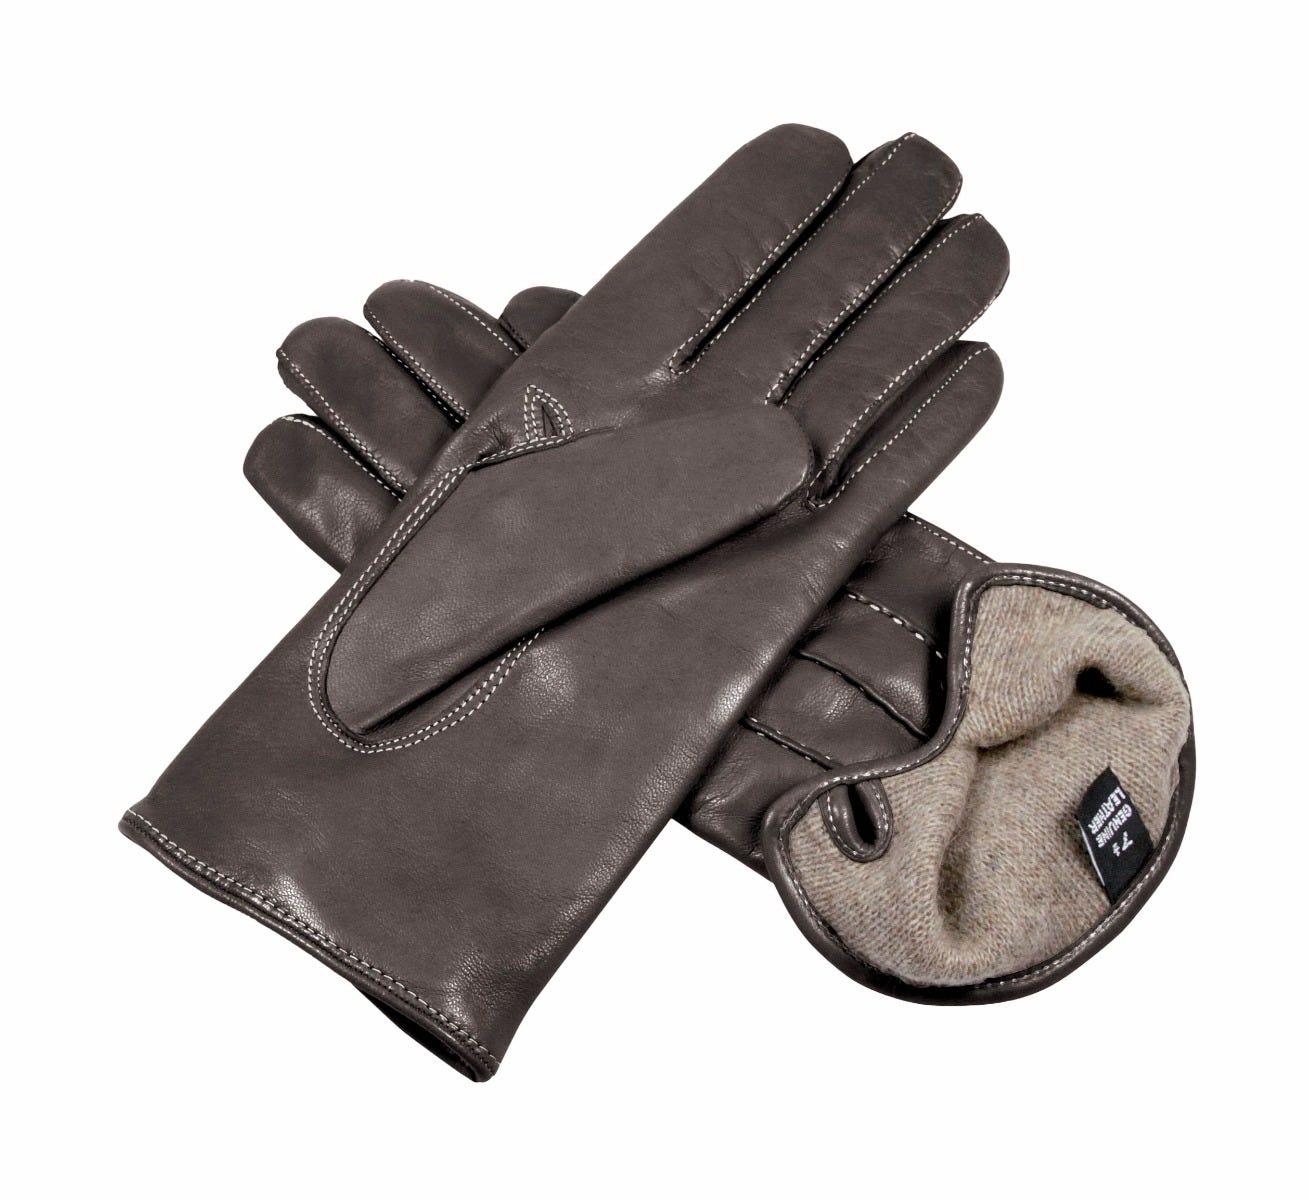 Trendy gloves for women